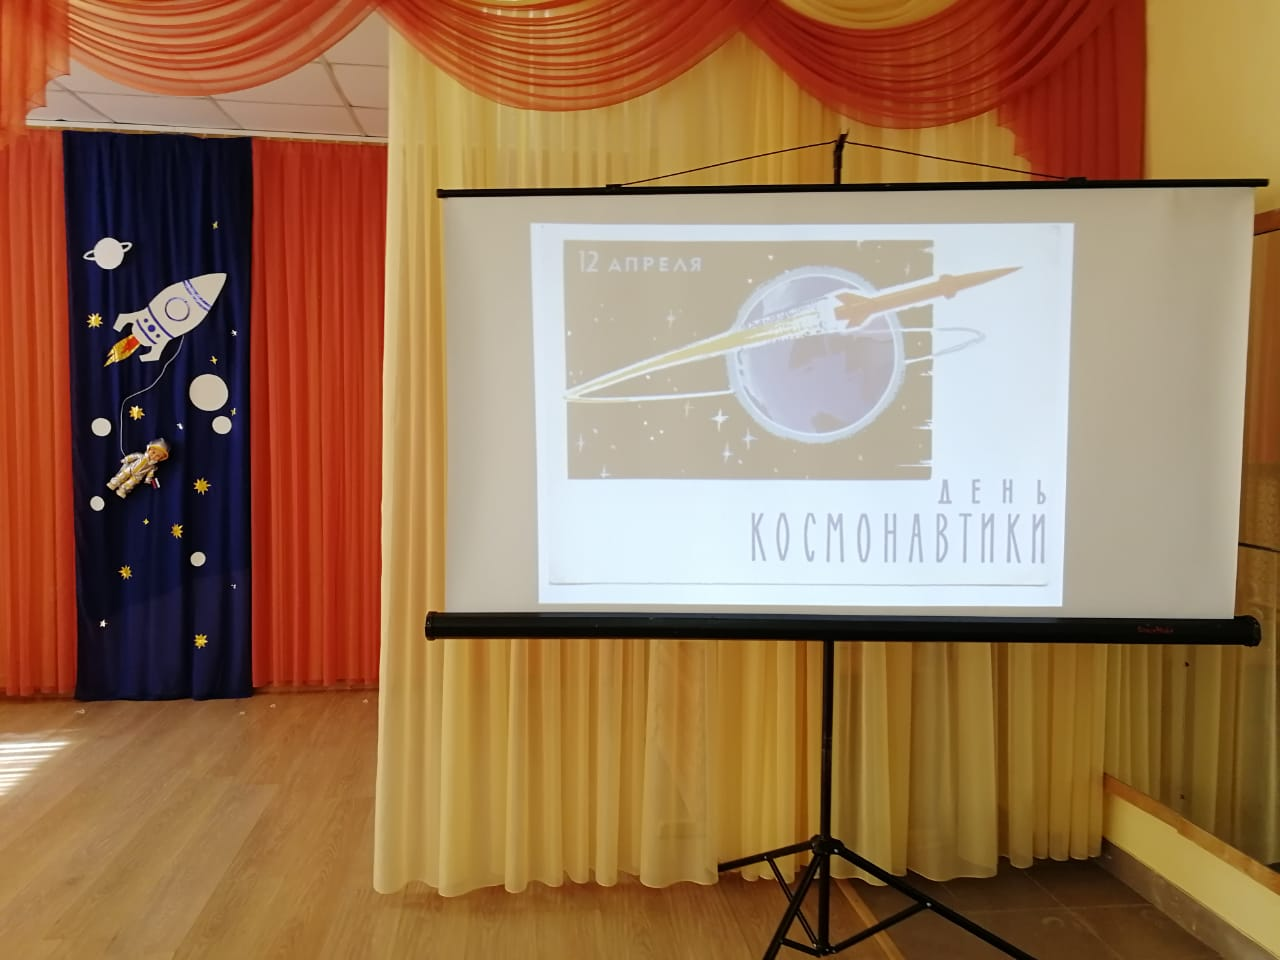 Праздник «День космонавтики» для обучающихся подготовительной группы №10